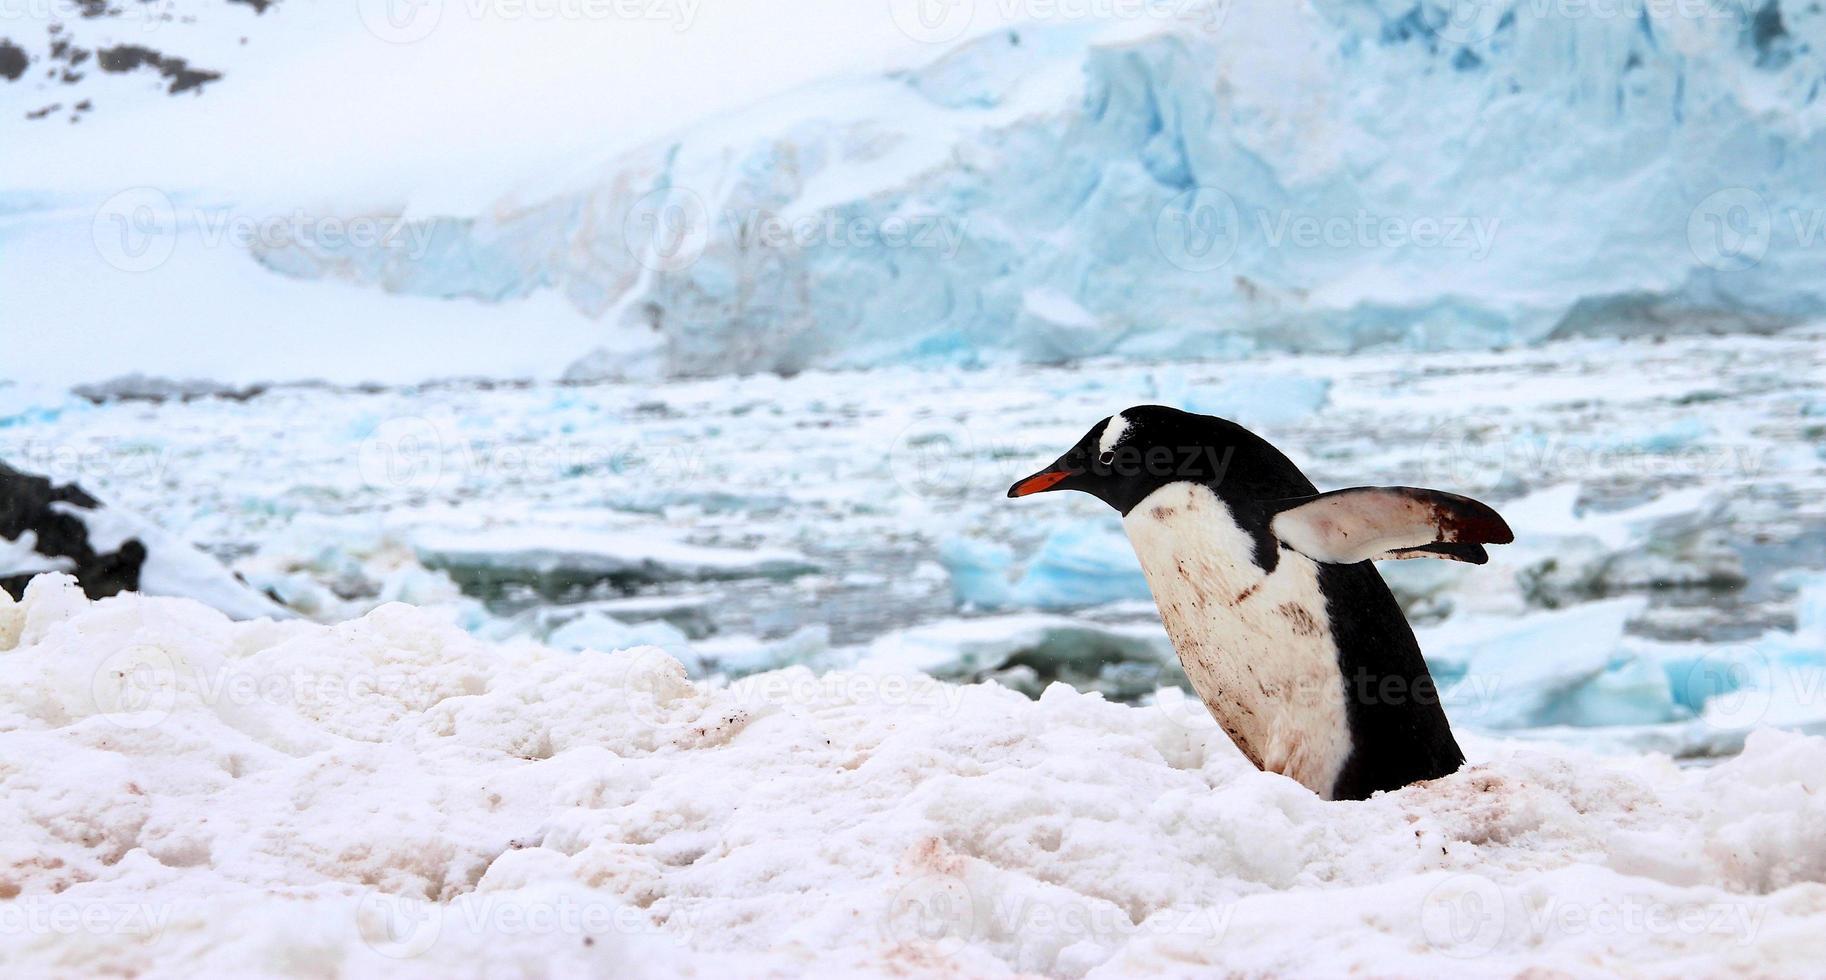 pinguim-gentoo, ilha de cuverville, antártica foto